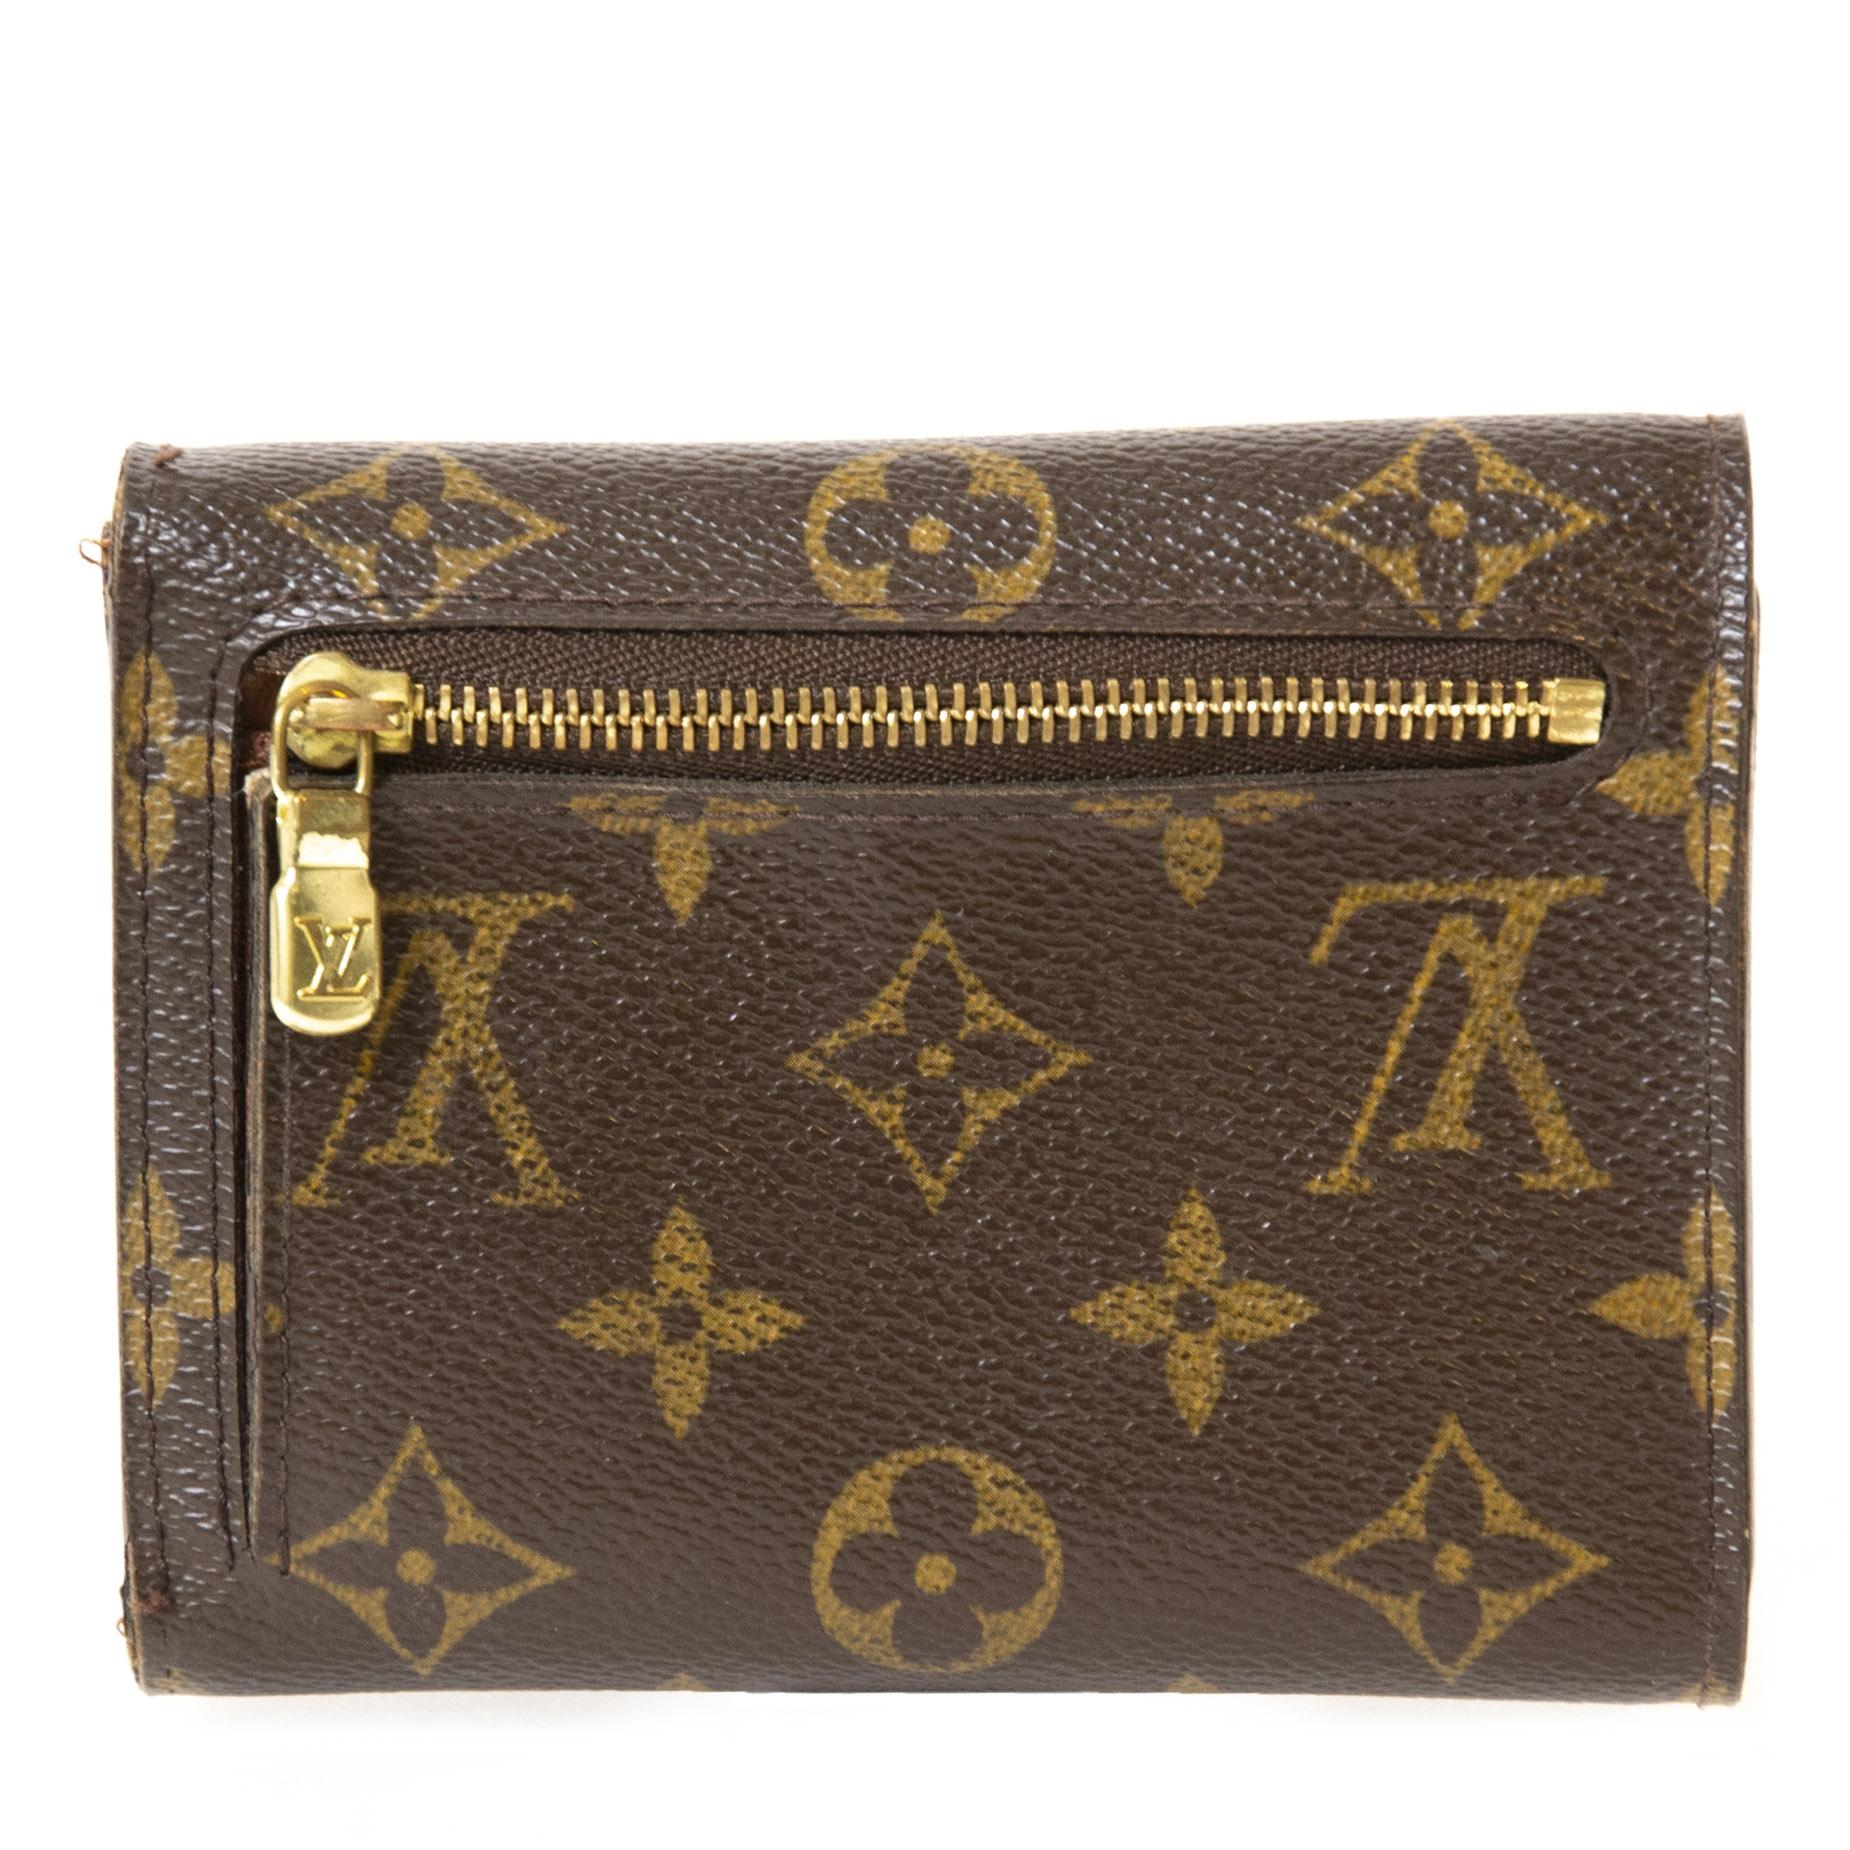 Authentieke Tweedehands Louis Vuitton Monogram Joey Wallet juiste prijs veilig online shoppen luxe merken webshop winkelen Antwerpen België mode fashion